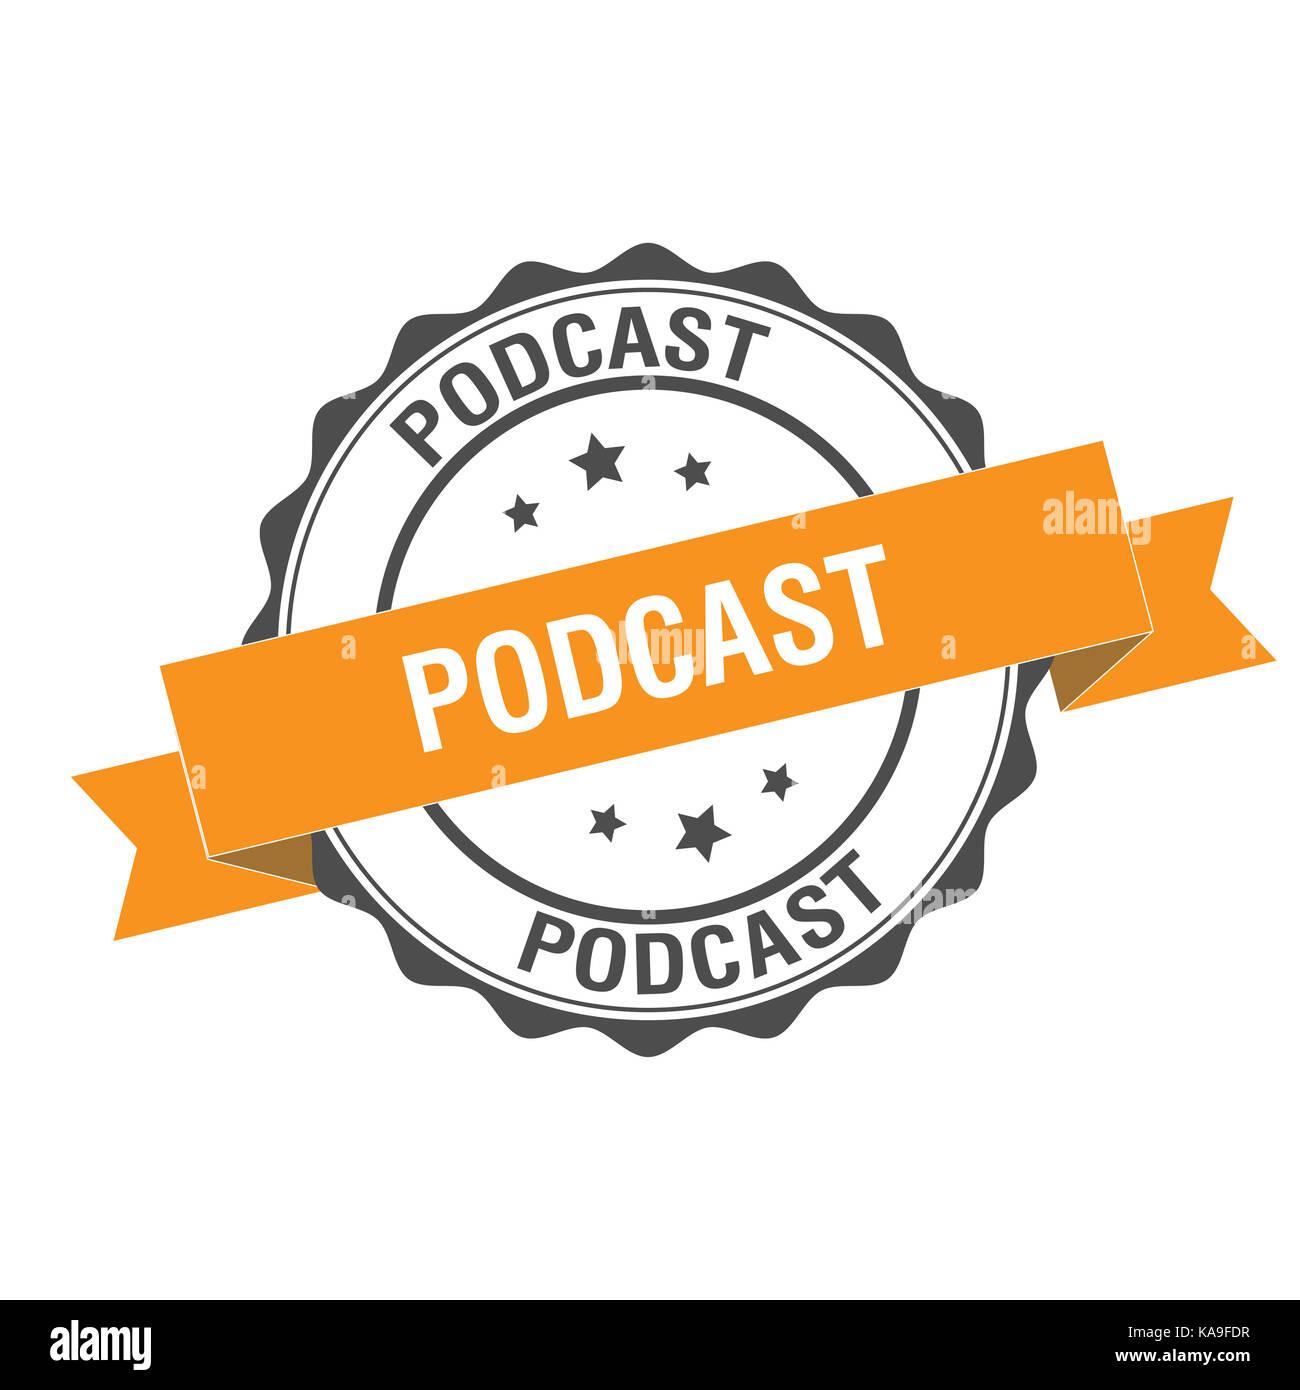 Podcast illustrazione del timbro Immagini Stock